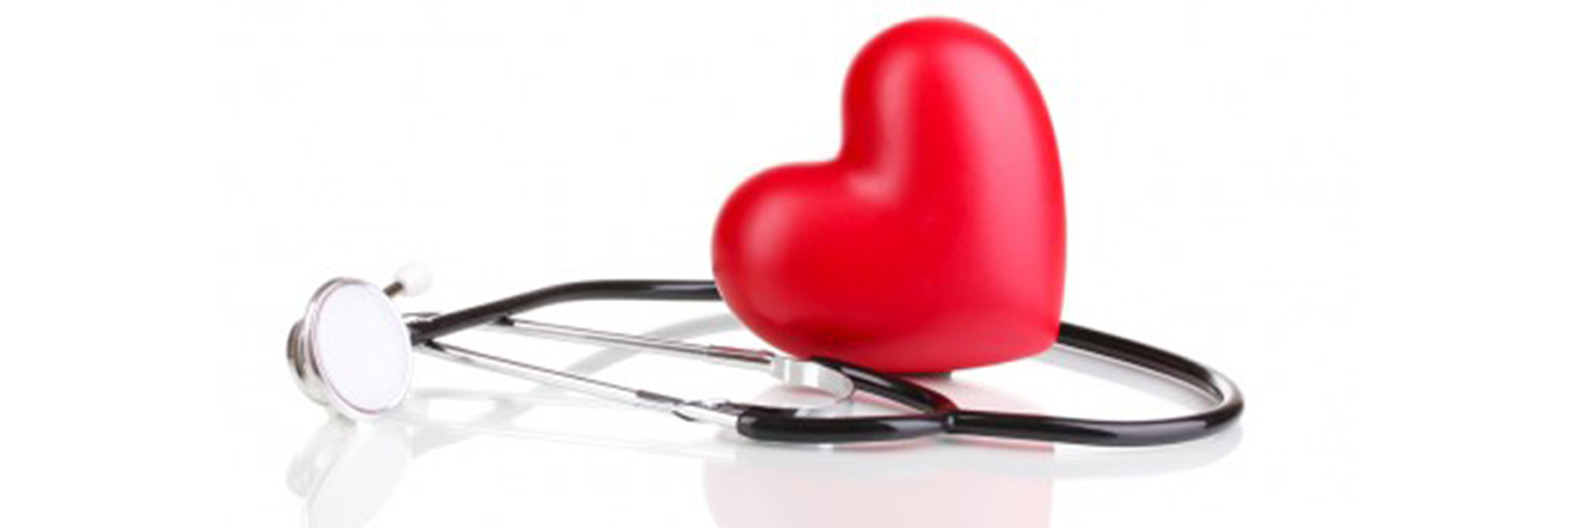 hipertenzija kas tai yra.duoti ar grupei